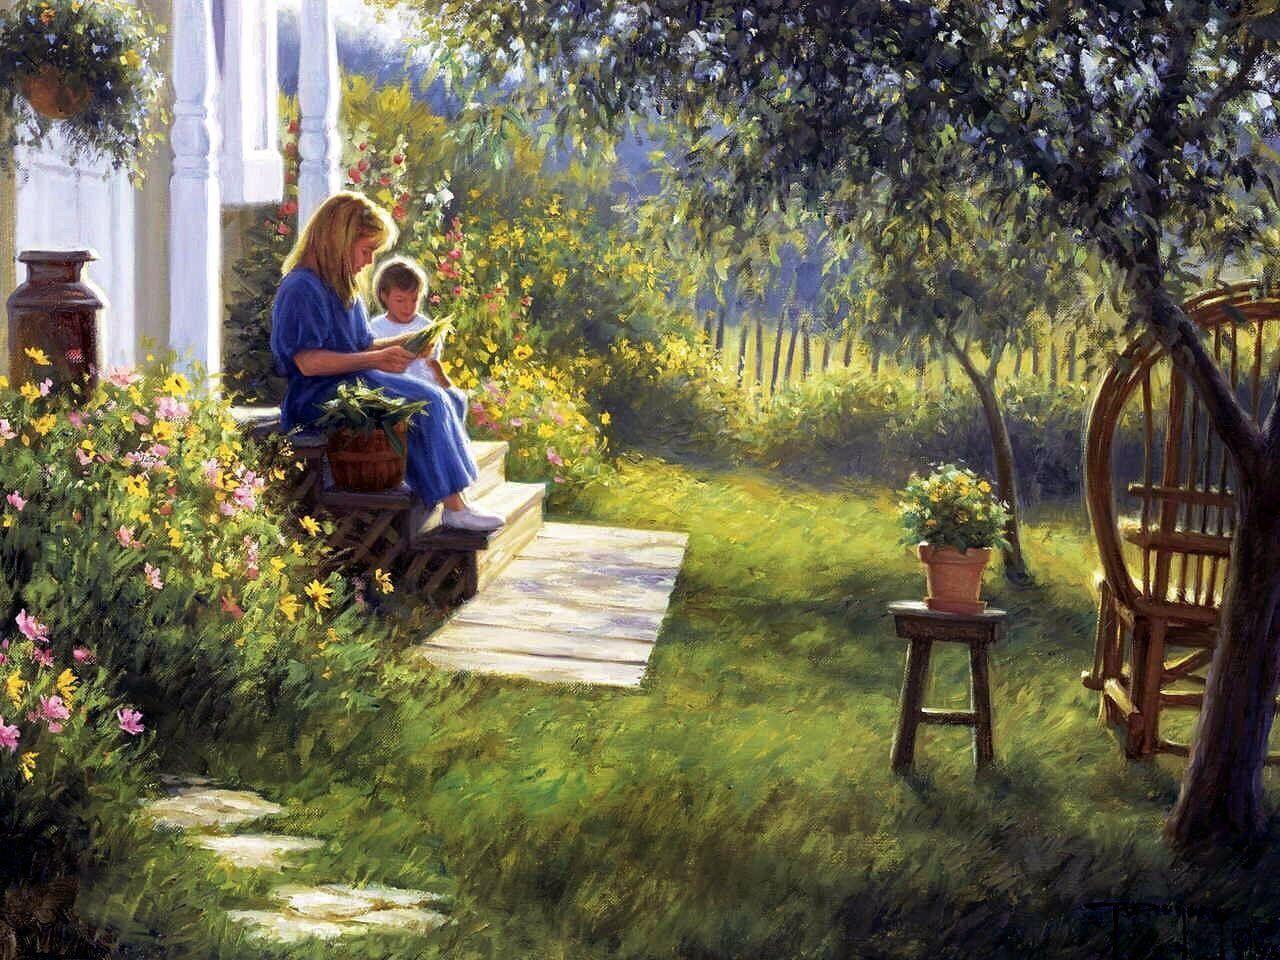 картинки садов-я сел общения сказывается душевном